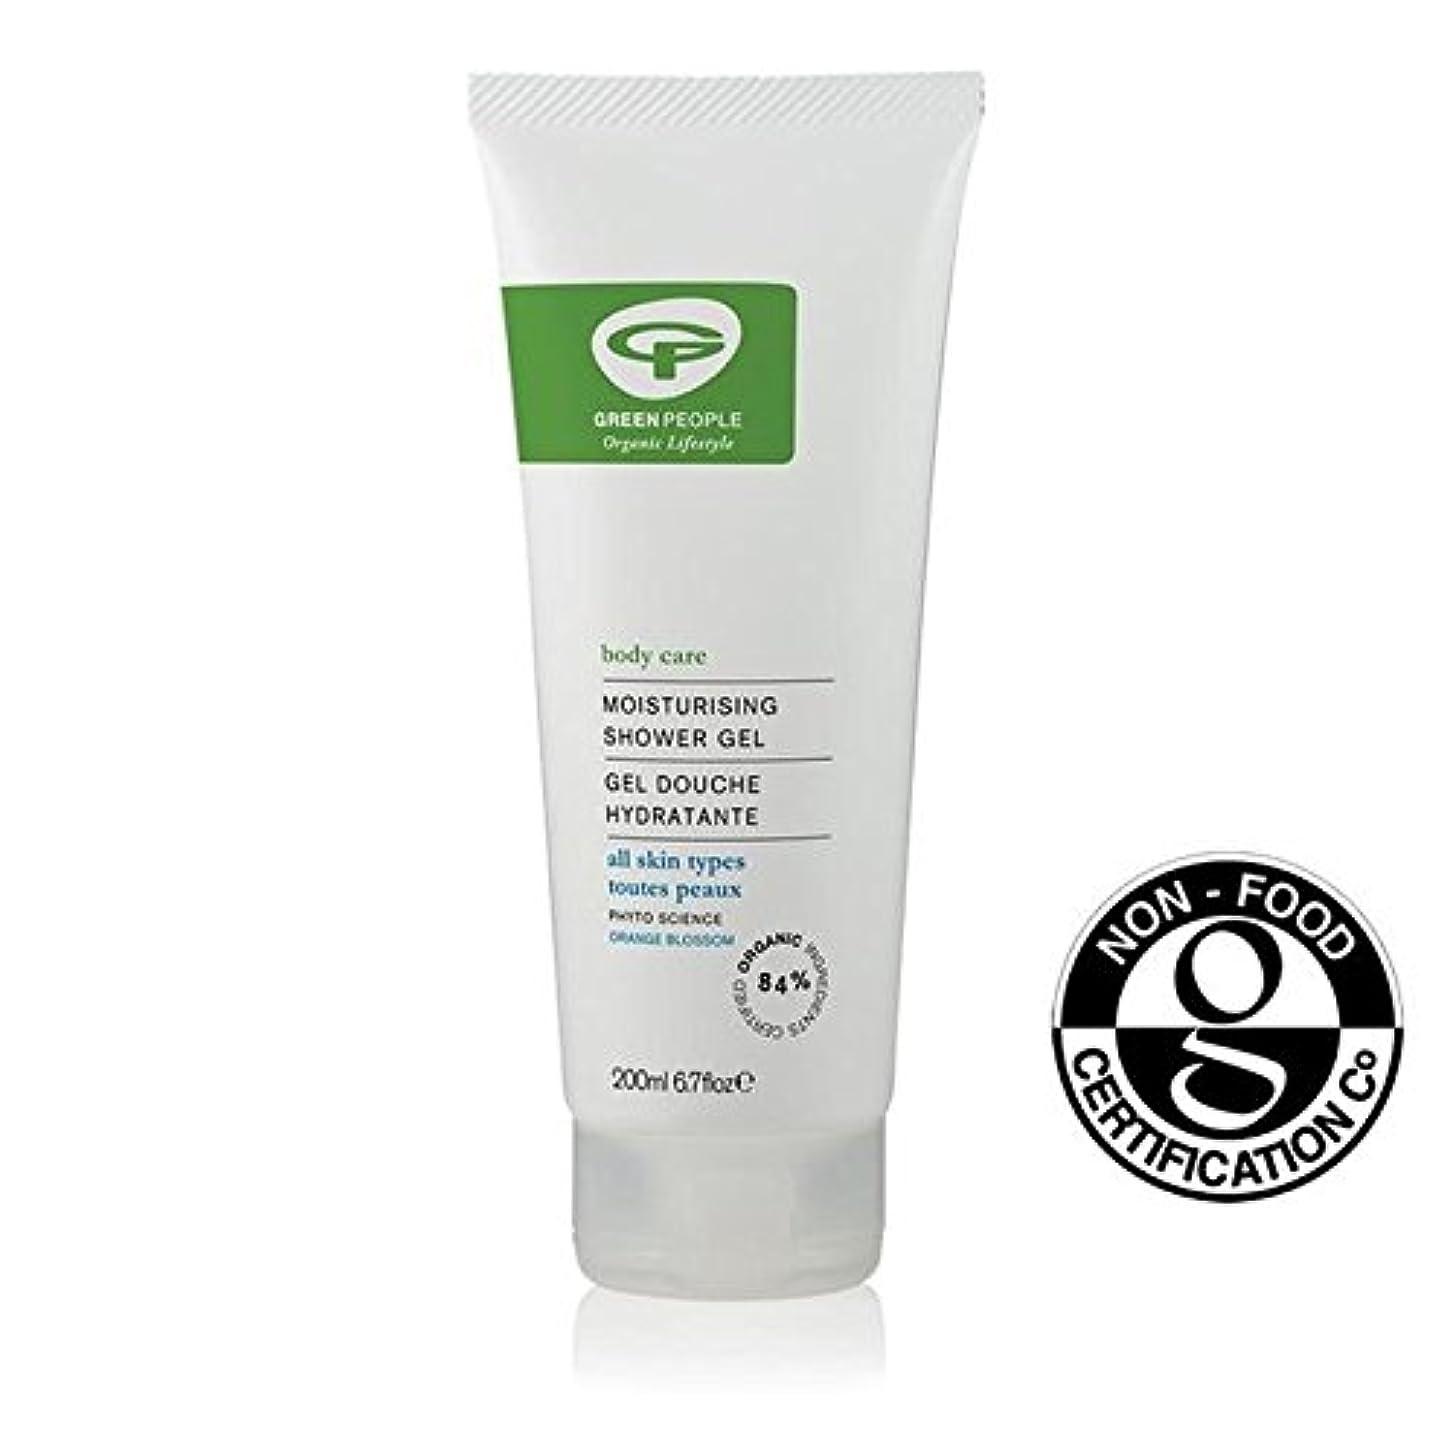 夜間手ピンポイント緑の人々の有機保湿シャワージェル200 x2 - Green People Organic Moisturising Shower Gel 200ml (Pack of 2) [並行輸入品]